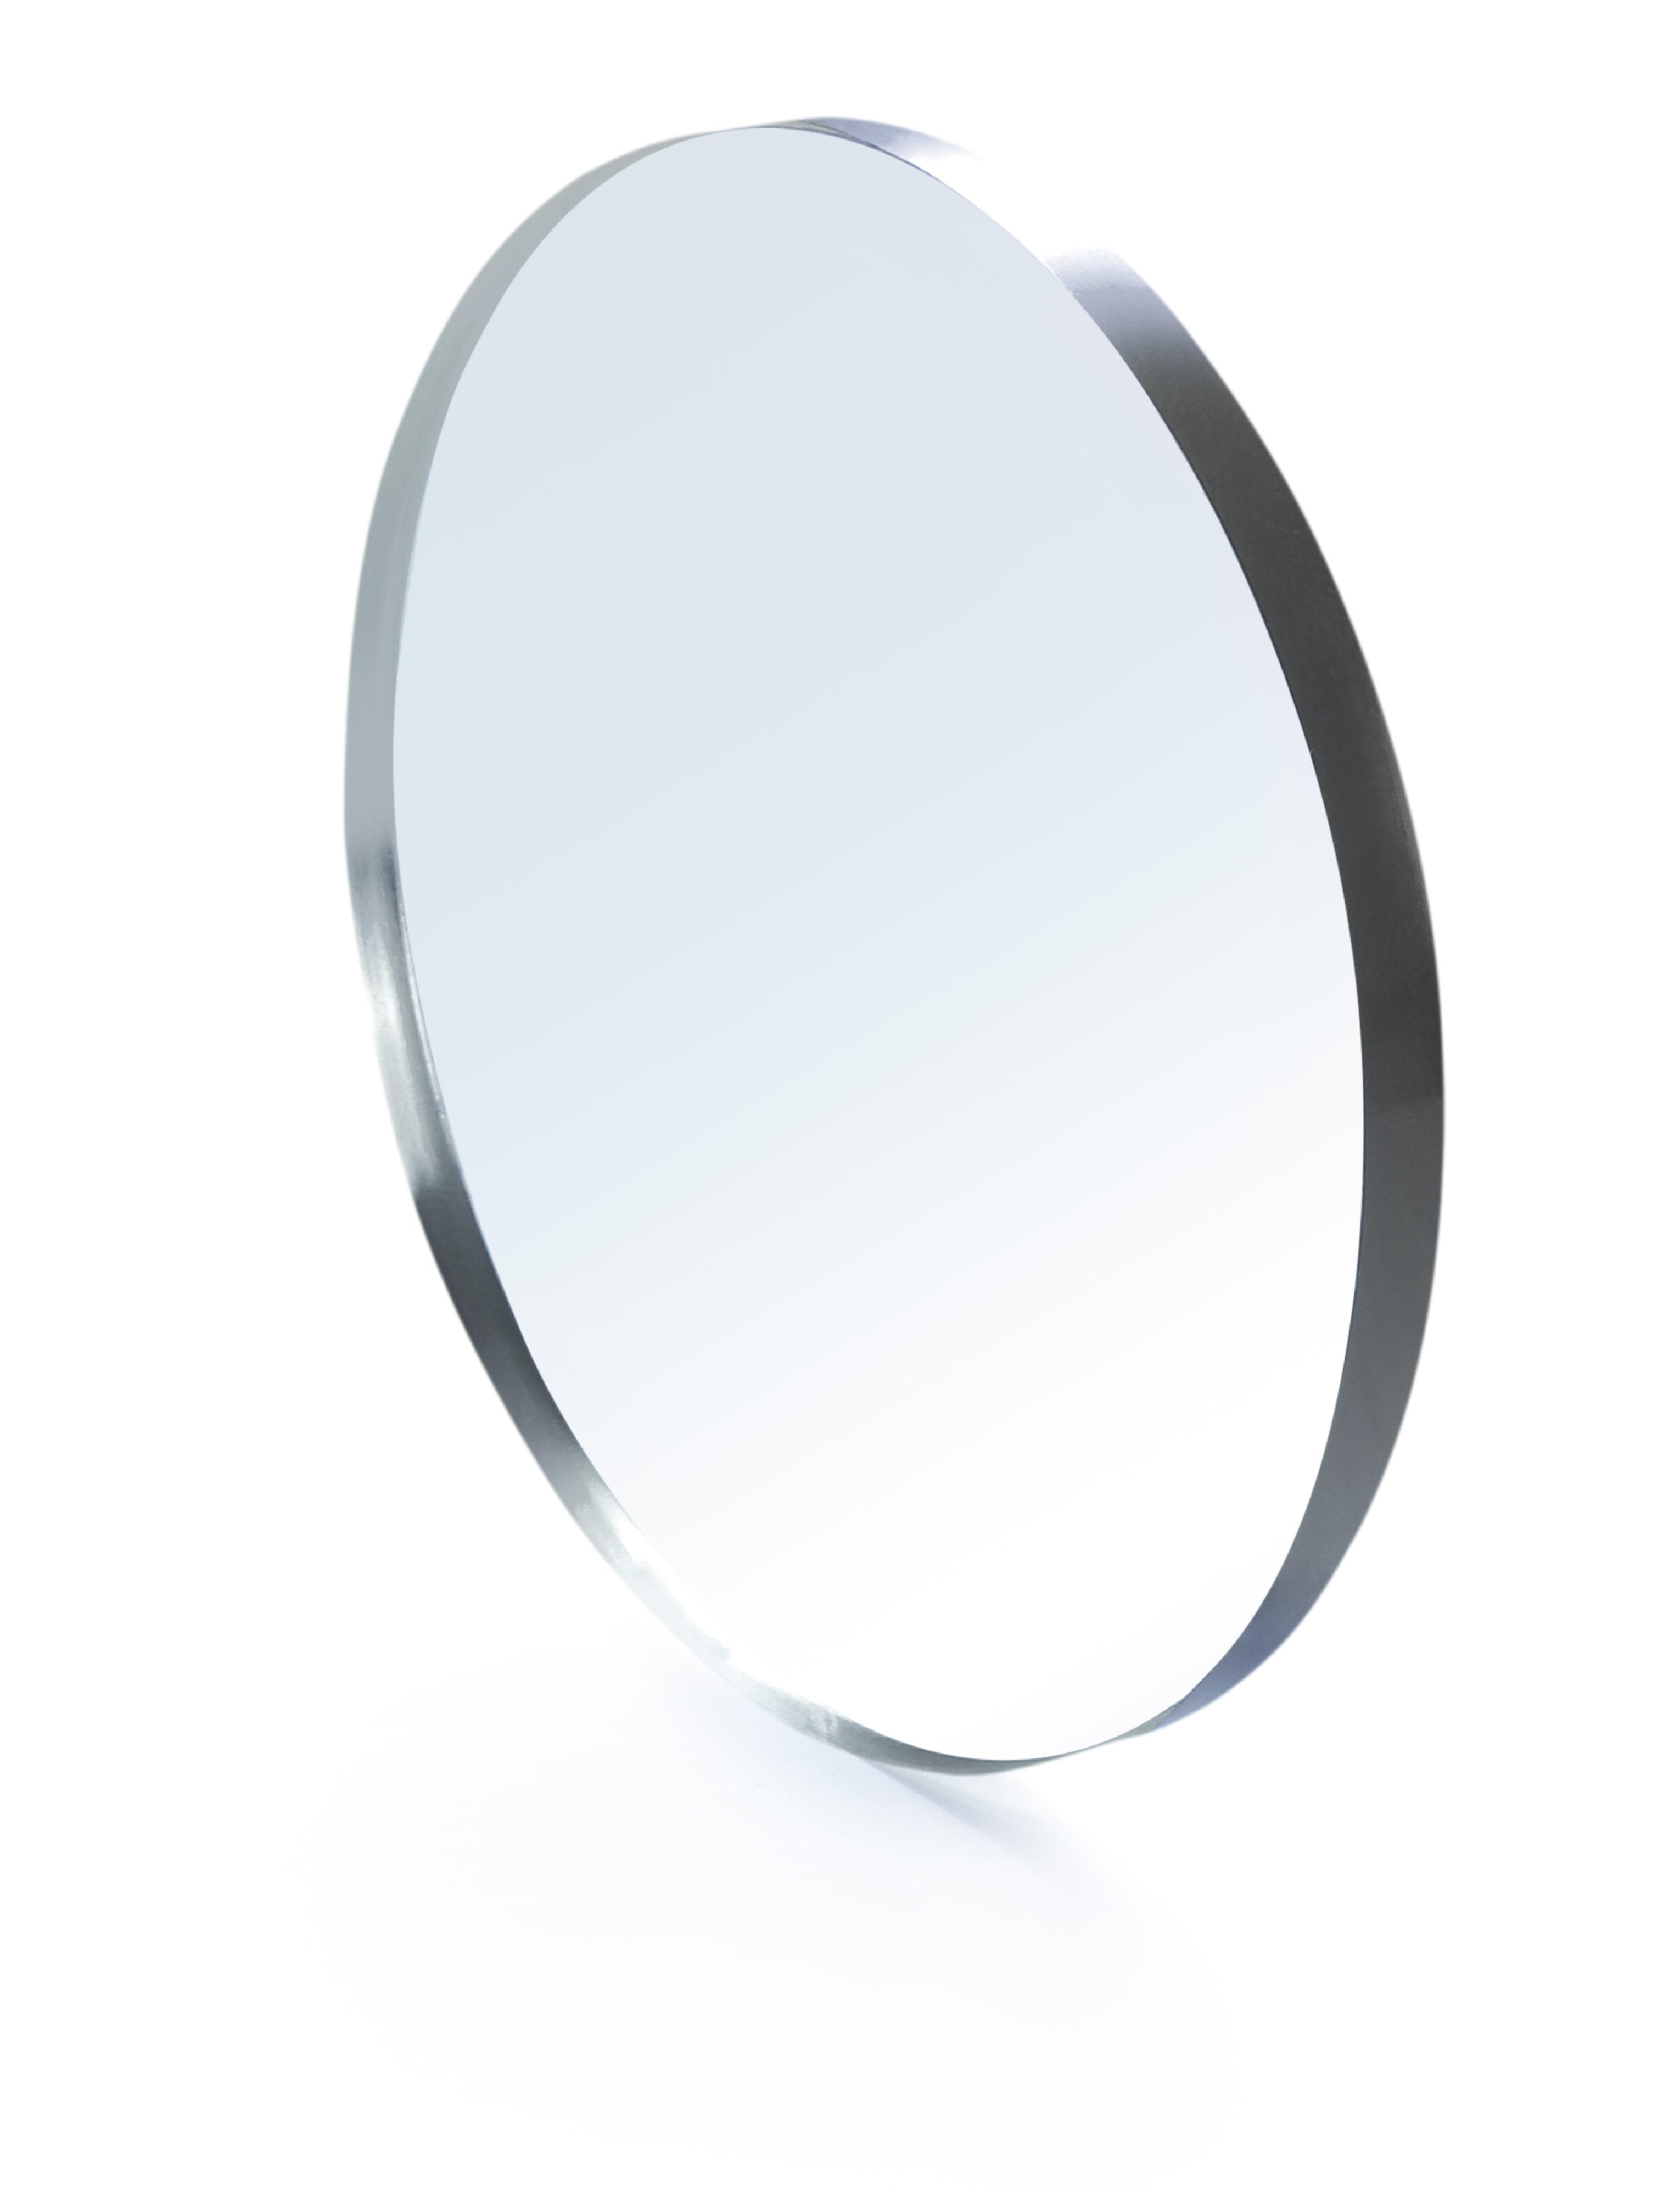 Trivex Lens, Thinner Option